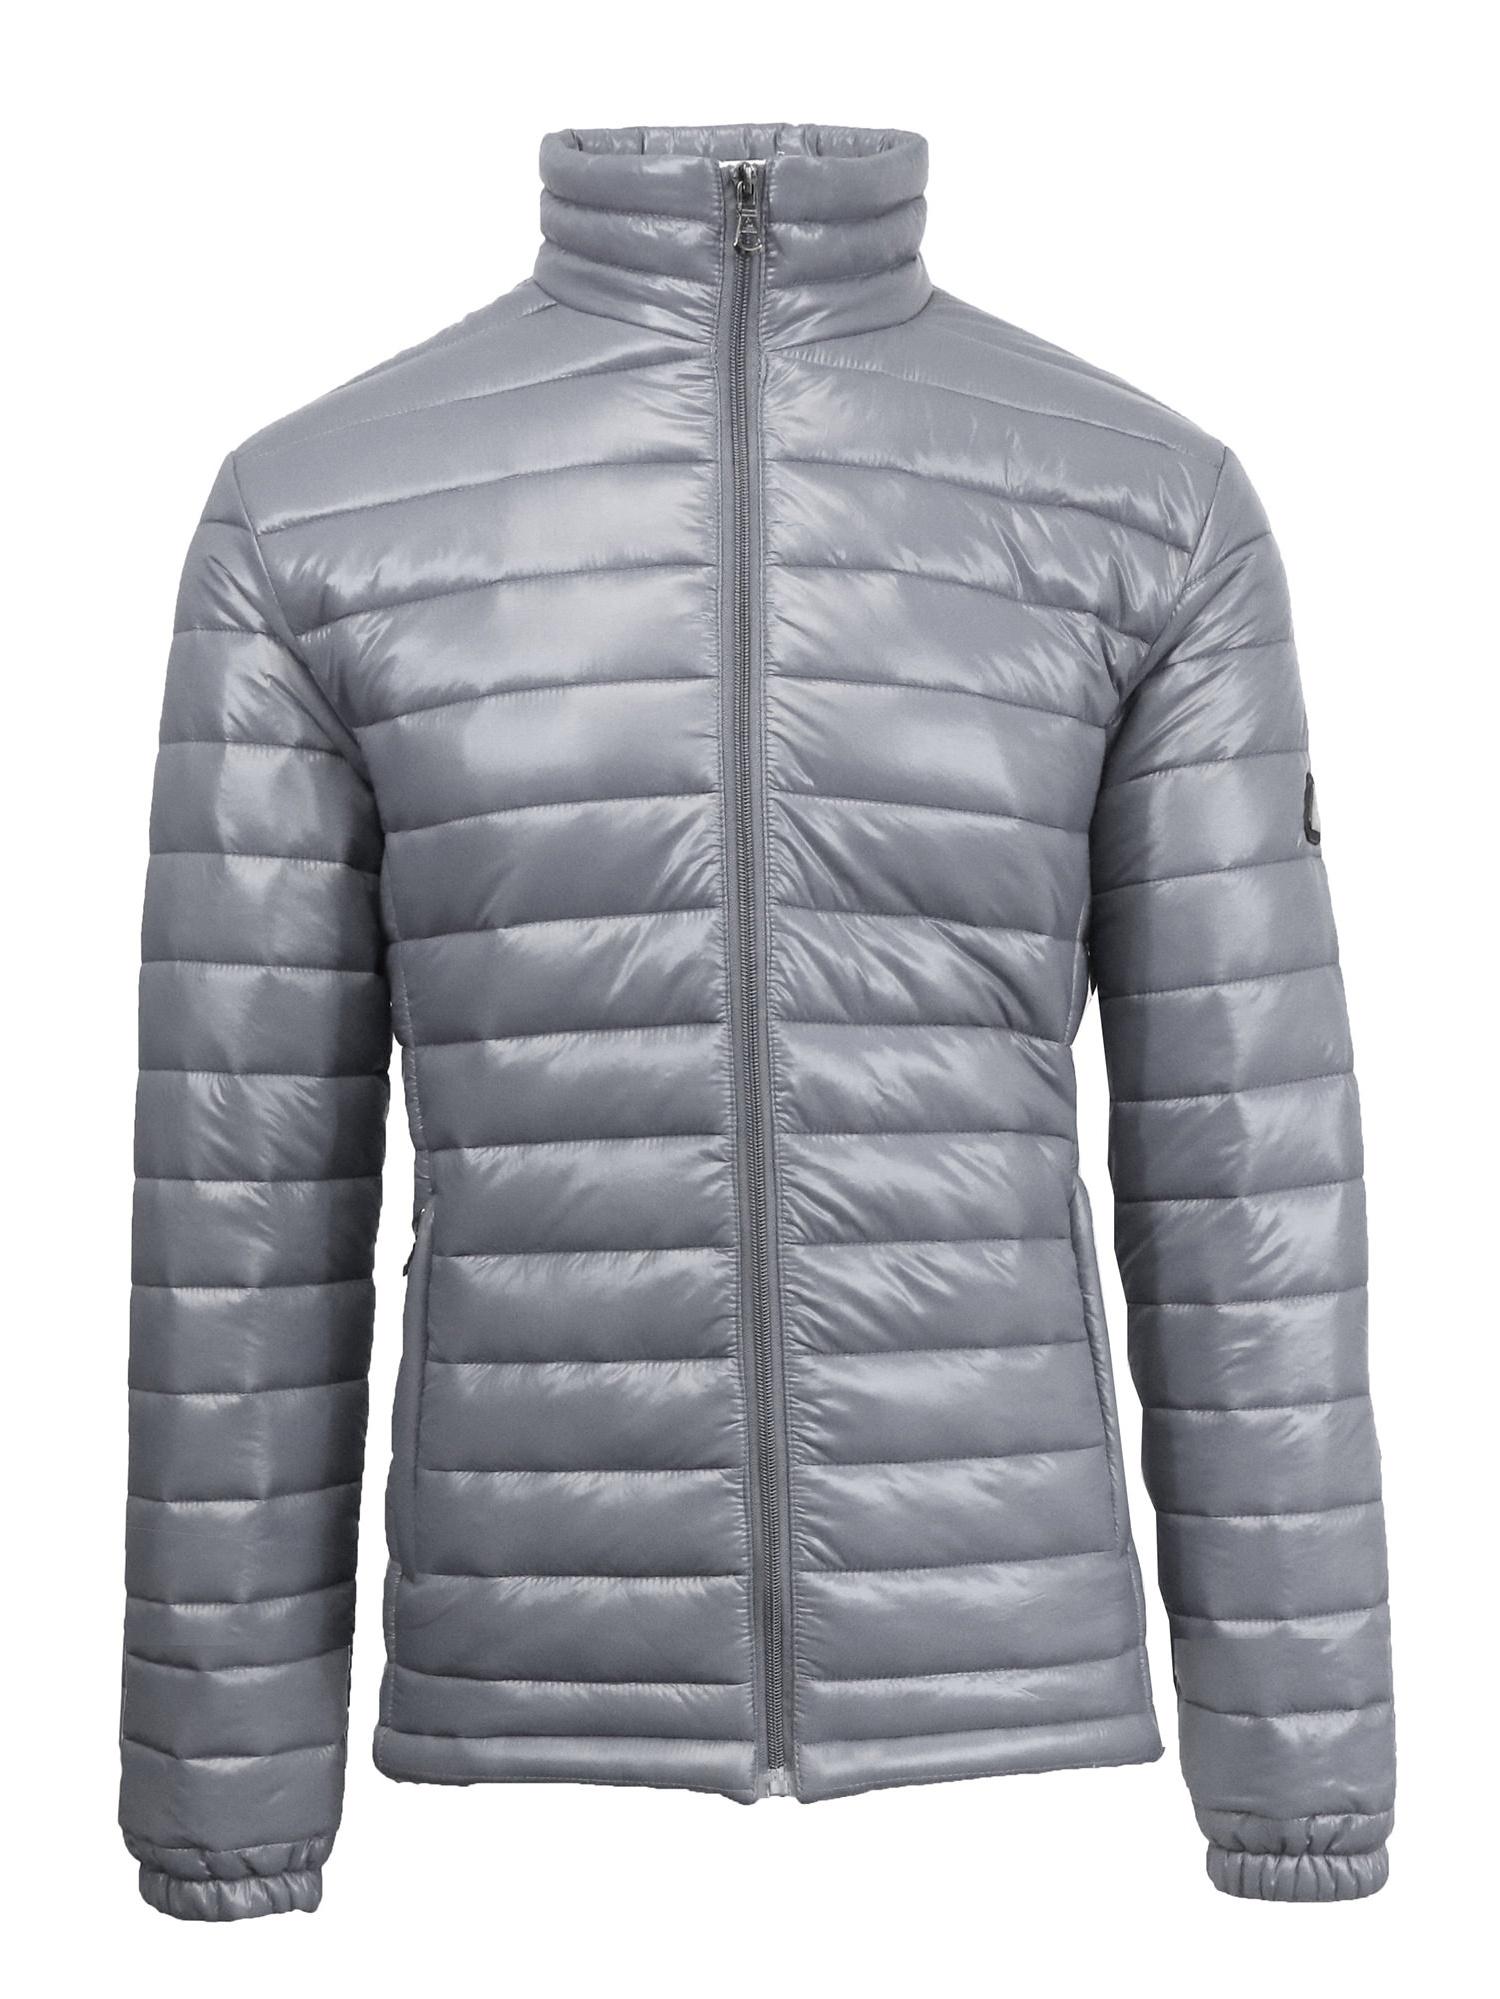 Mens Lightweight Puffer Jacket